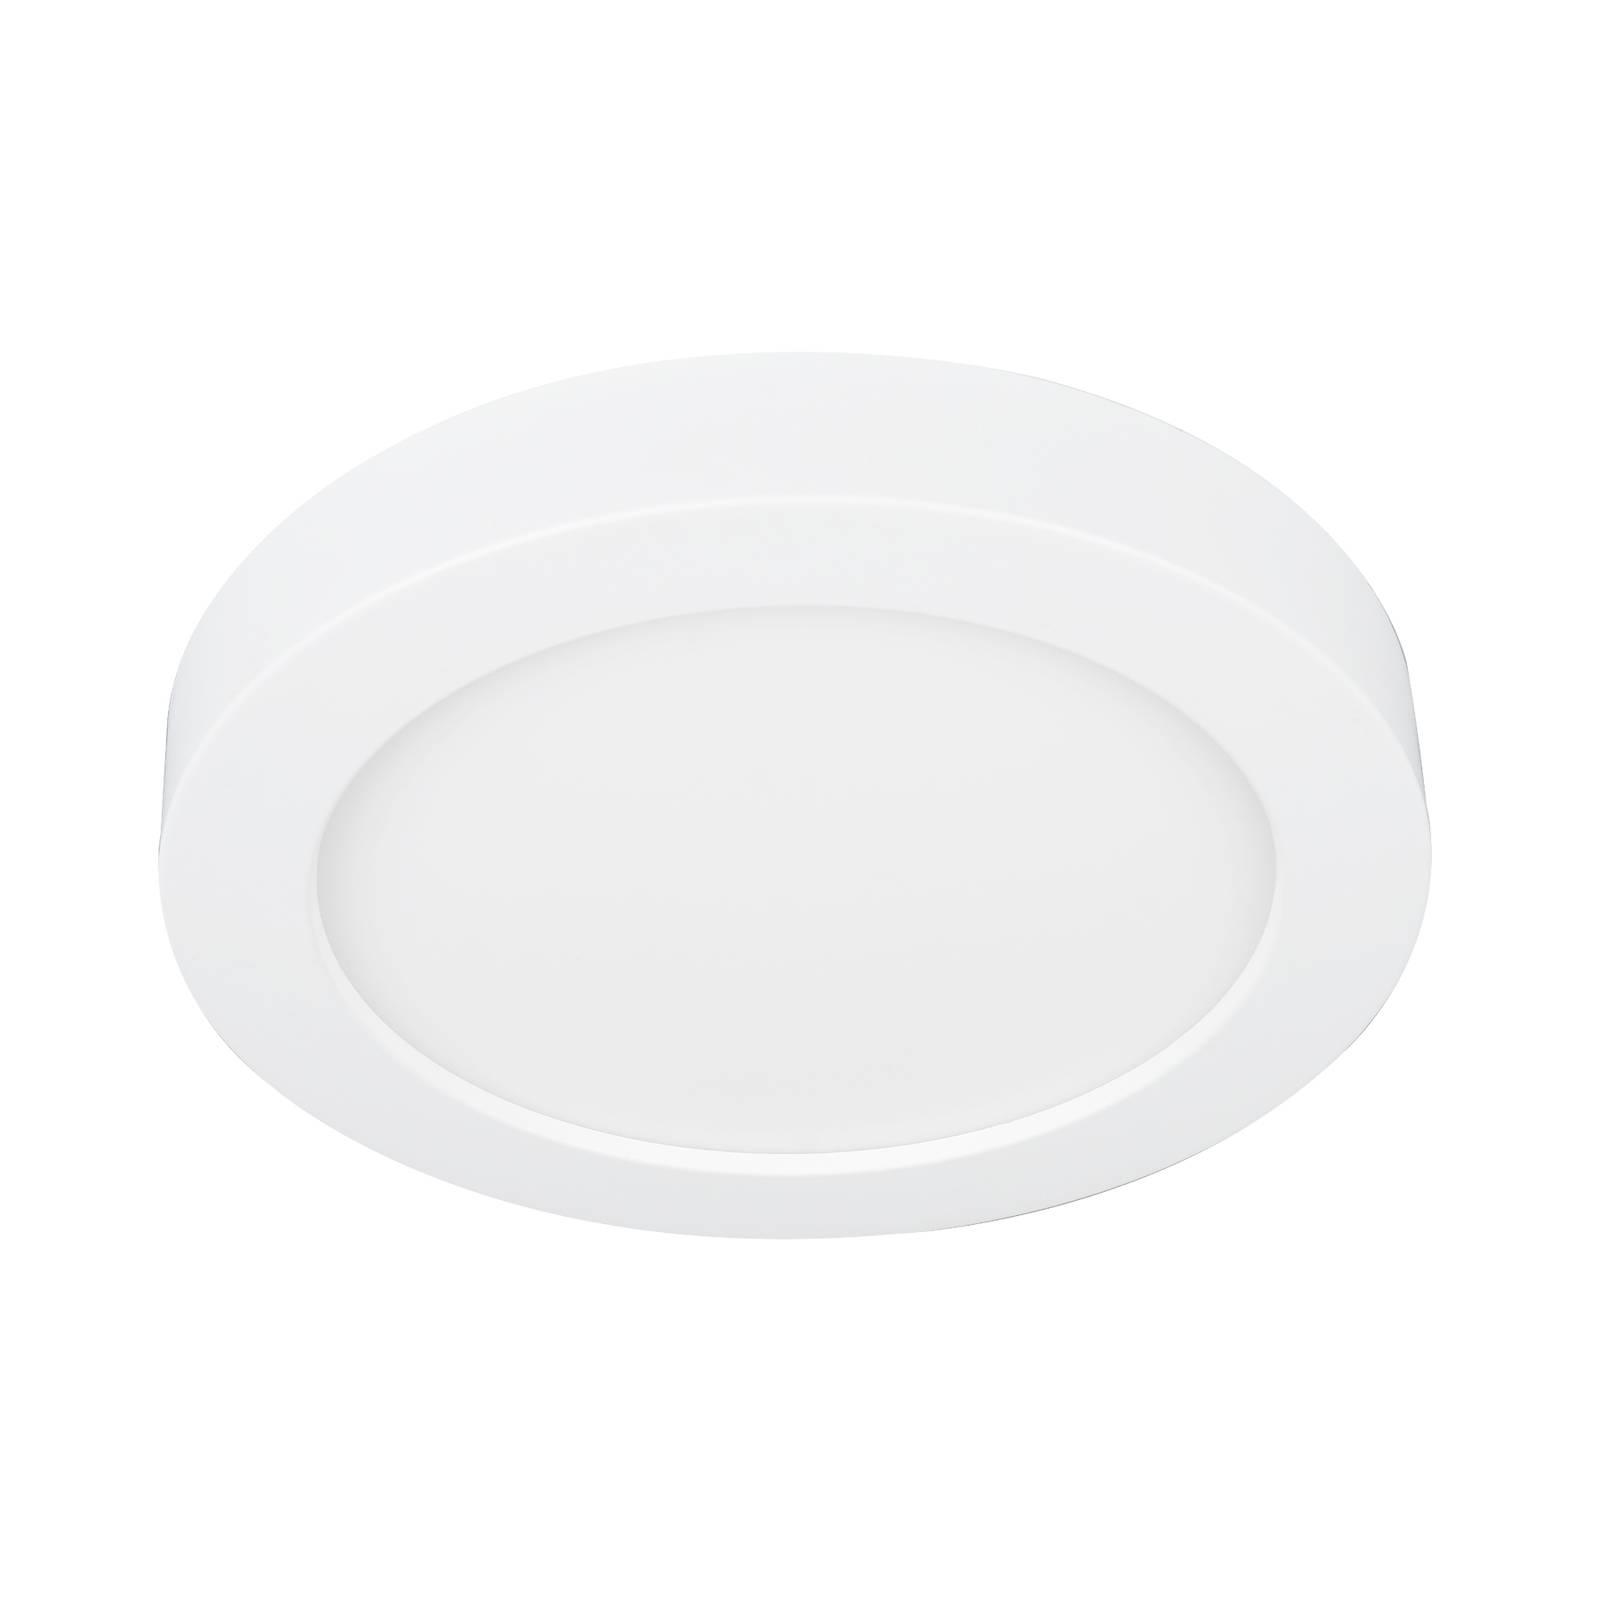 Prios Edwina -LED-kattovalaisin valkoinen 17,7 cm